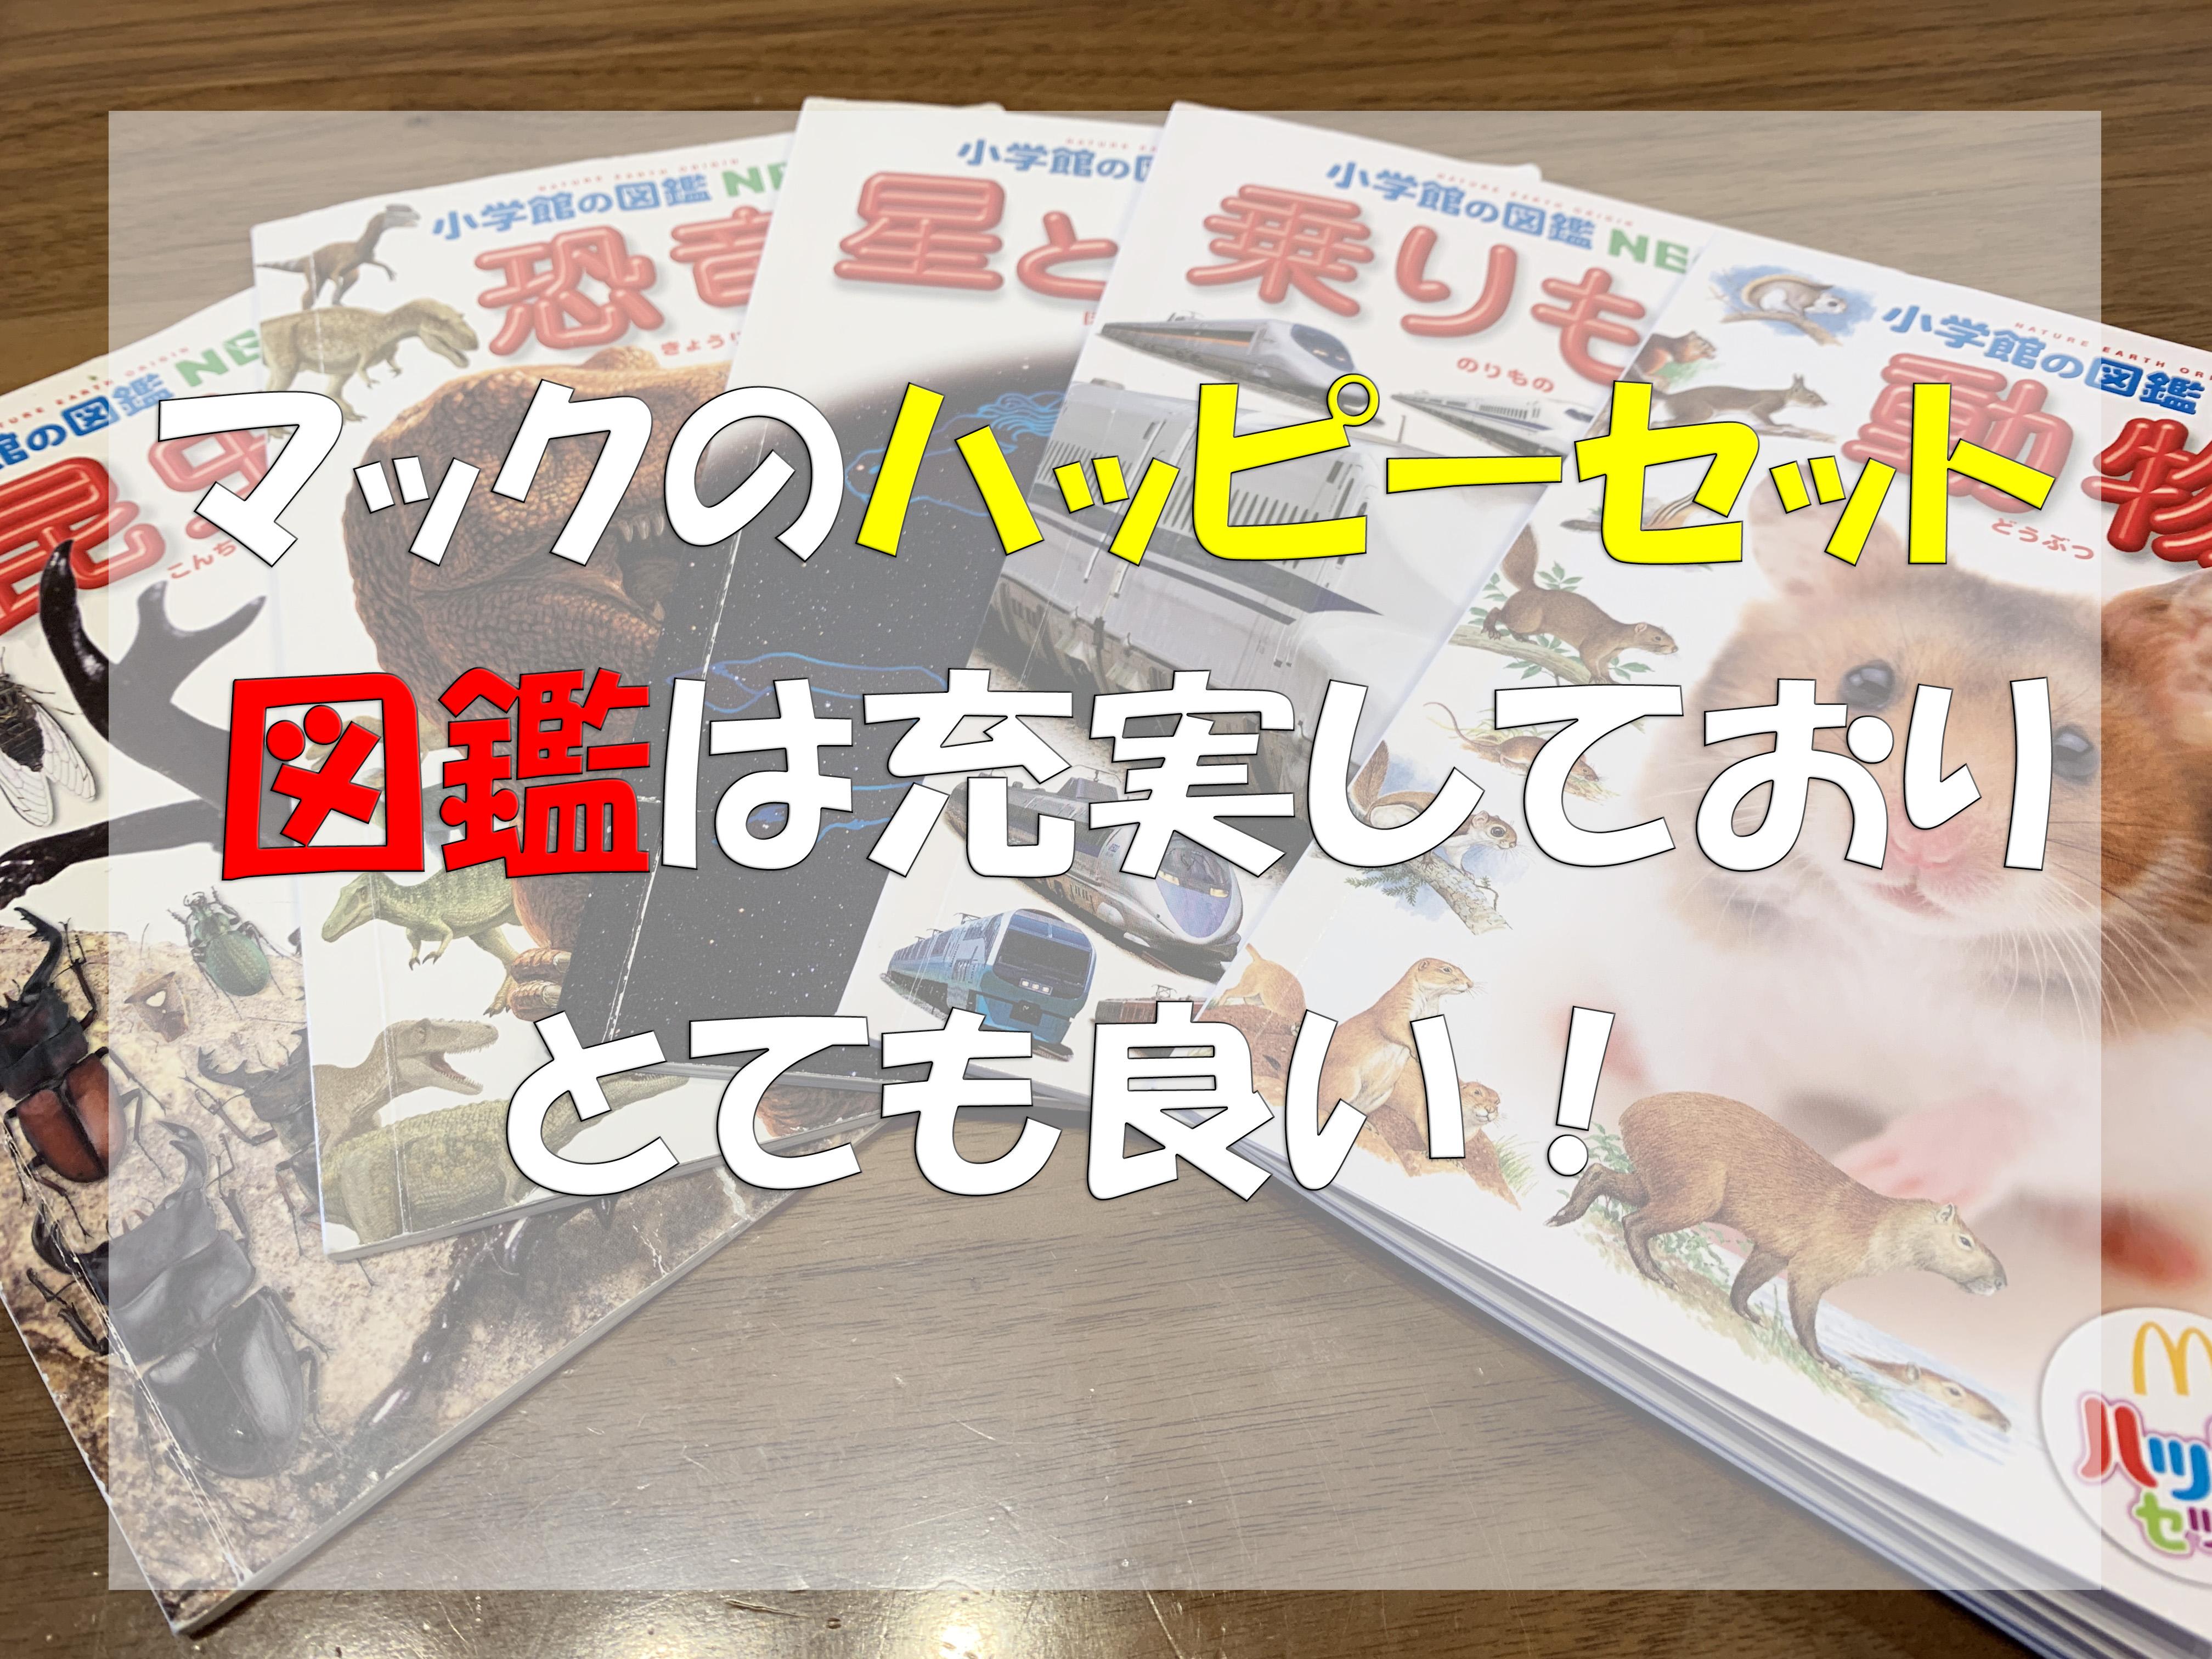 マックのハッピーセット図鑑・本がとてもいい!内容が充実しており、コンパクトサイズで便利